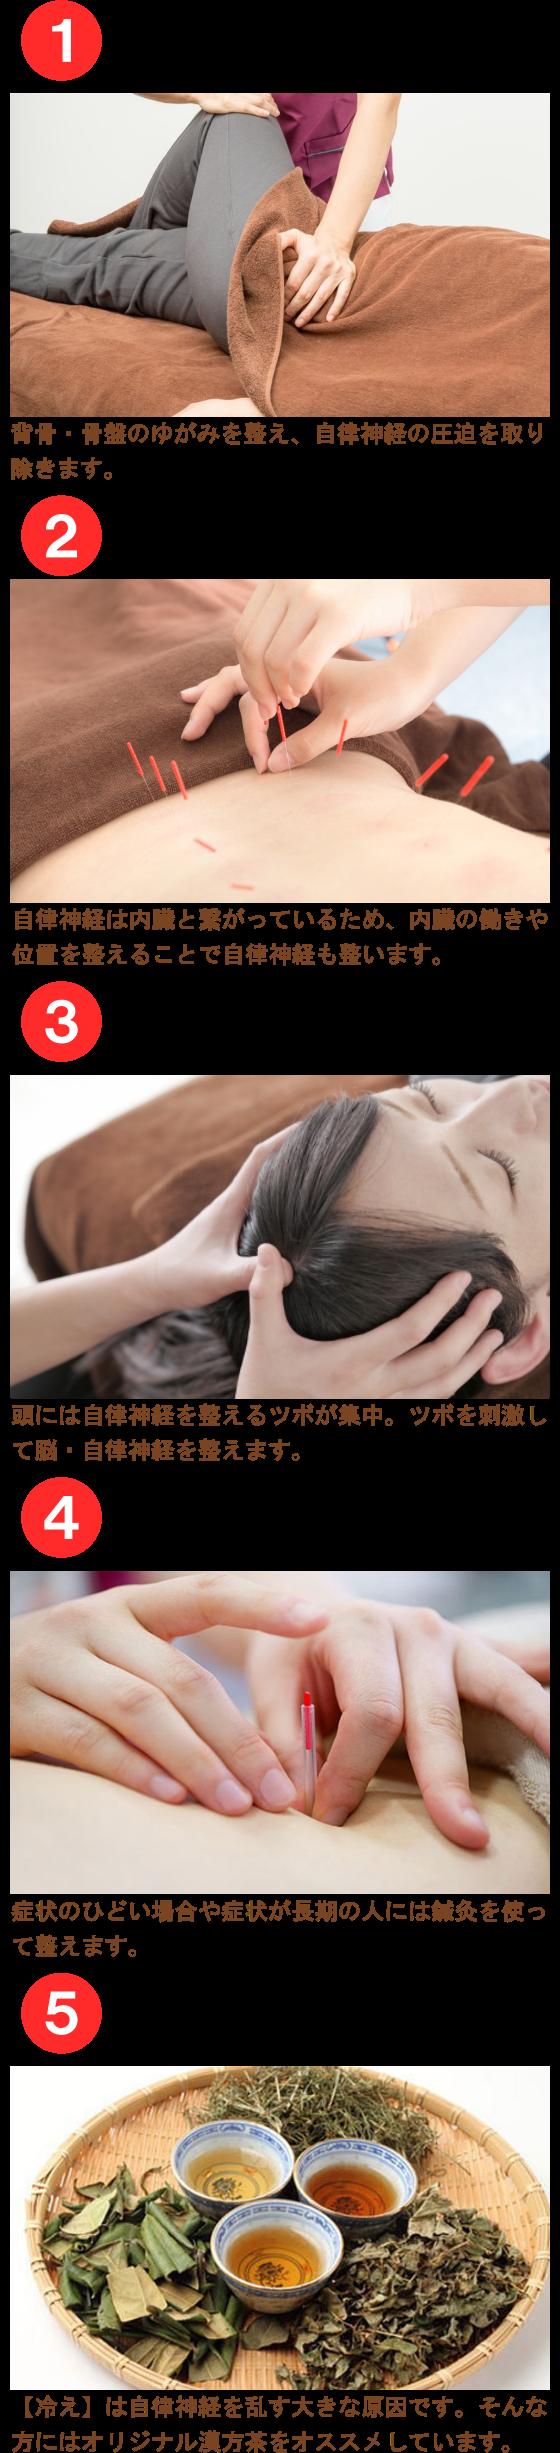 5つのアプローチ